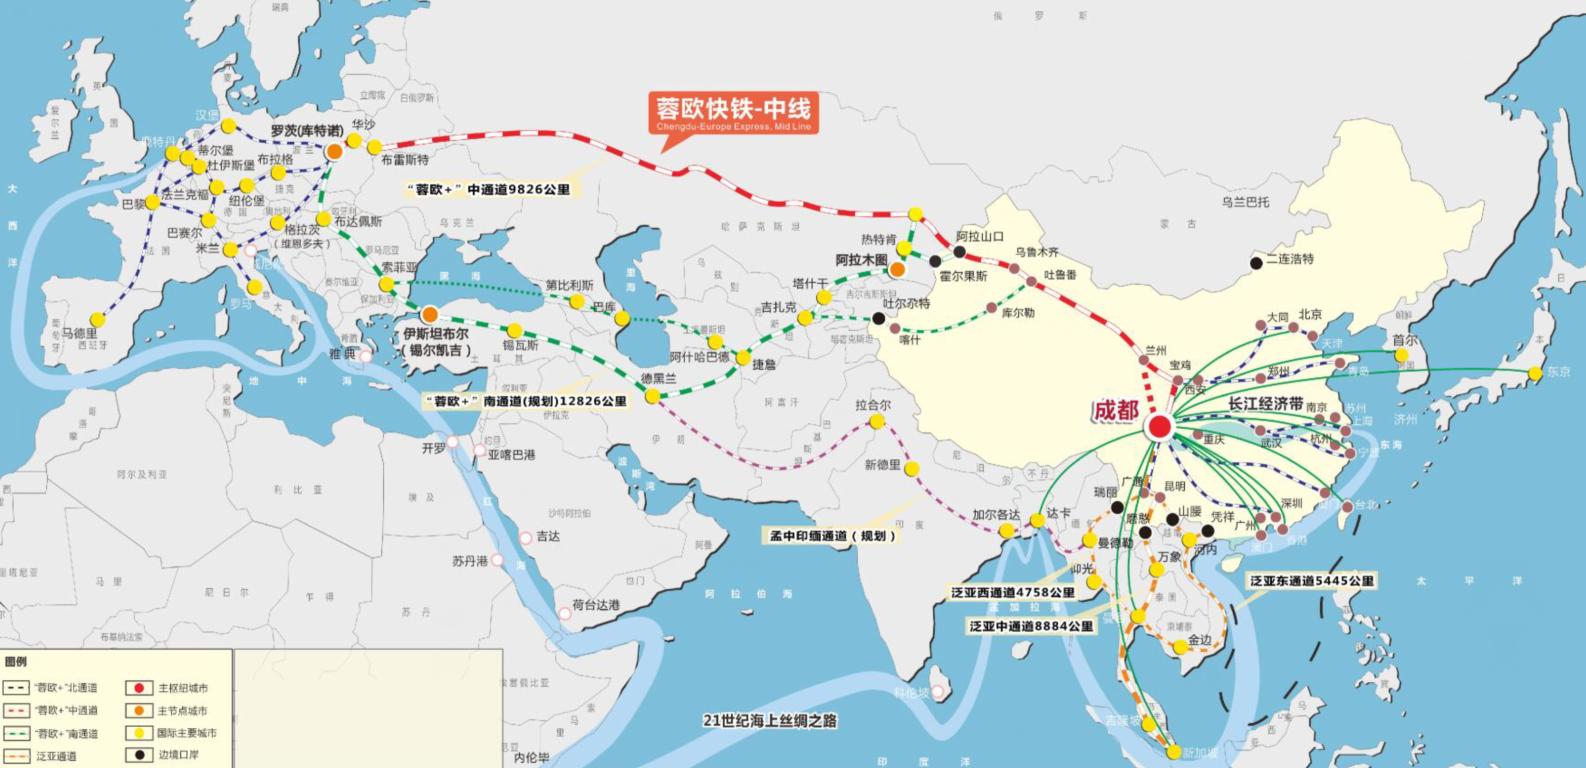 四川雅安雨城区地图